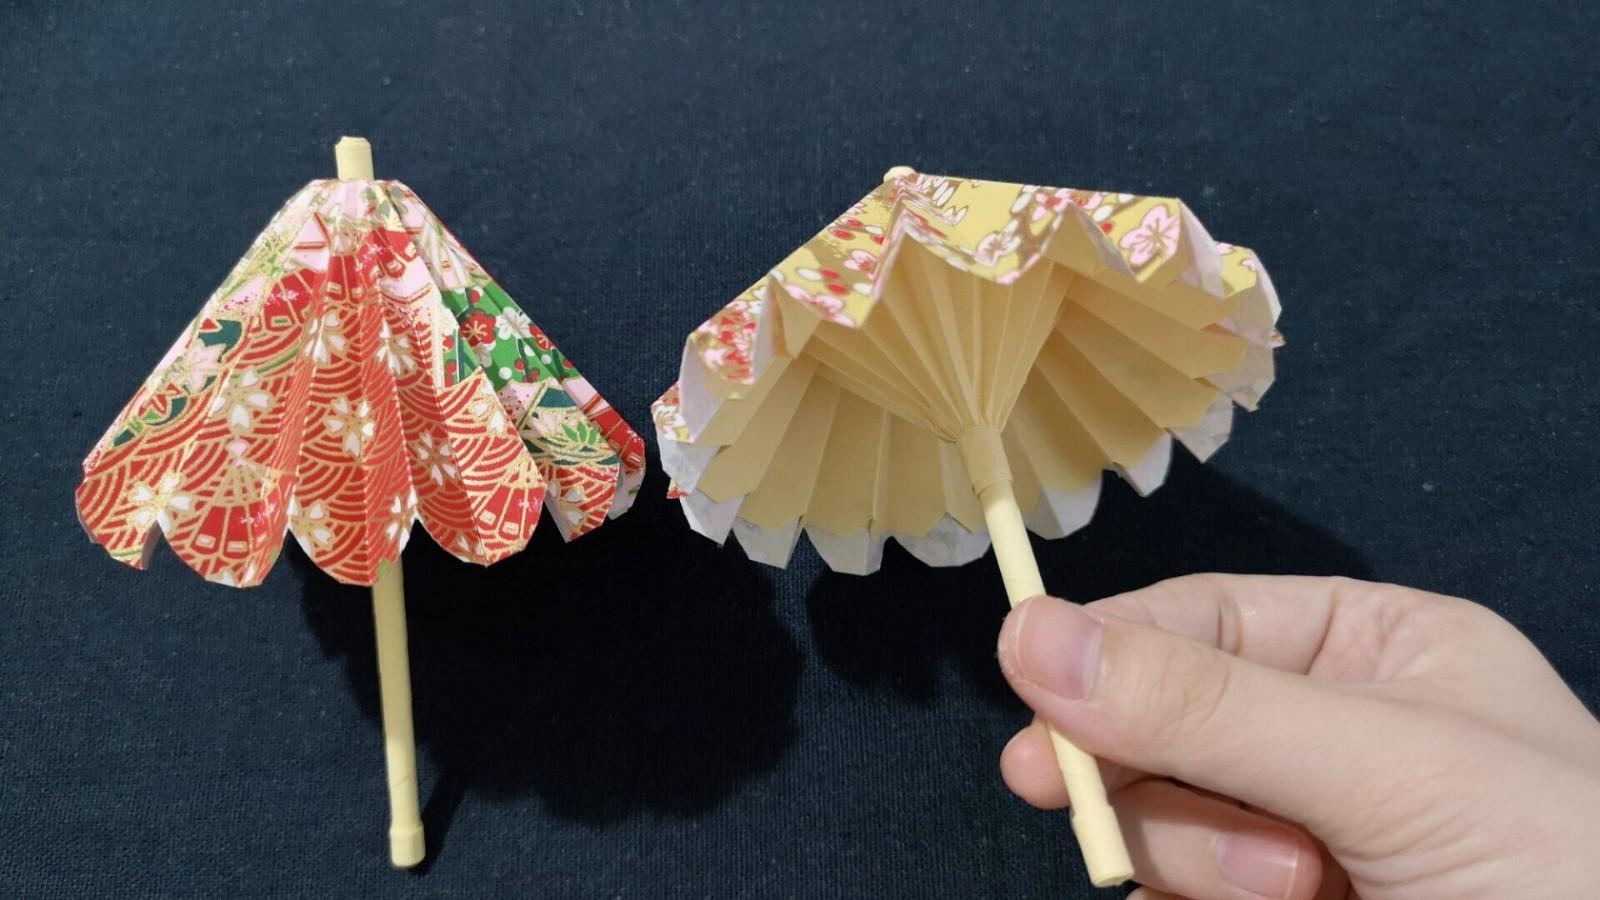 香香手工 漂亮的折纸山茶花,捡根树枝装扮一下,插在花瓶里超级漂亮的